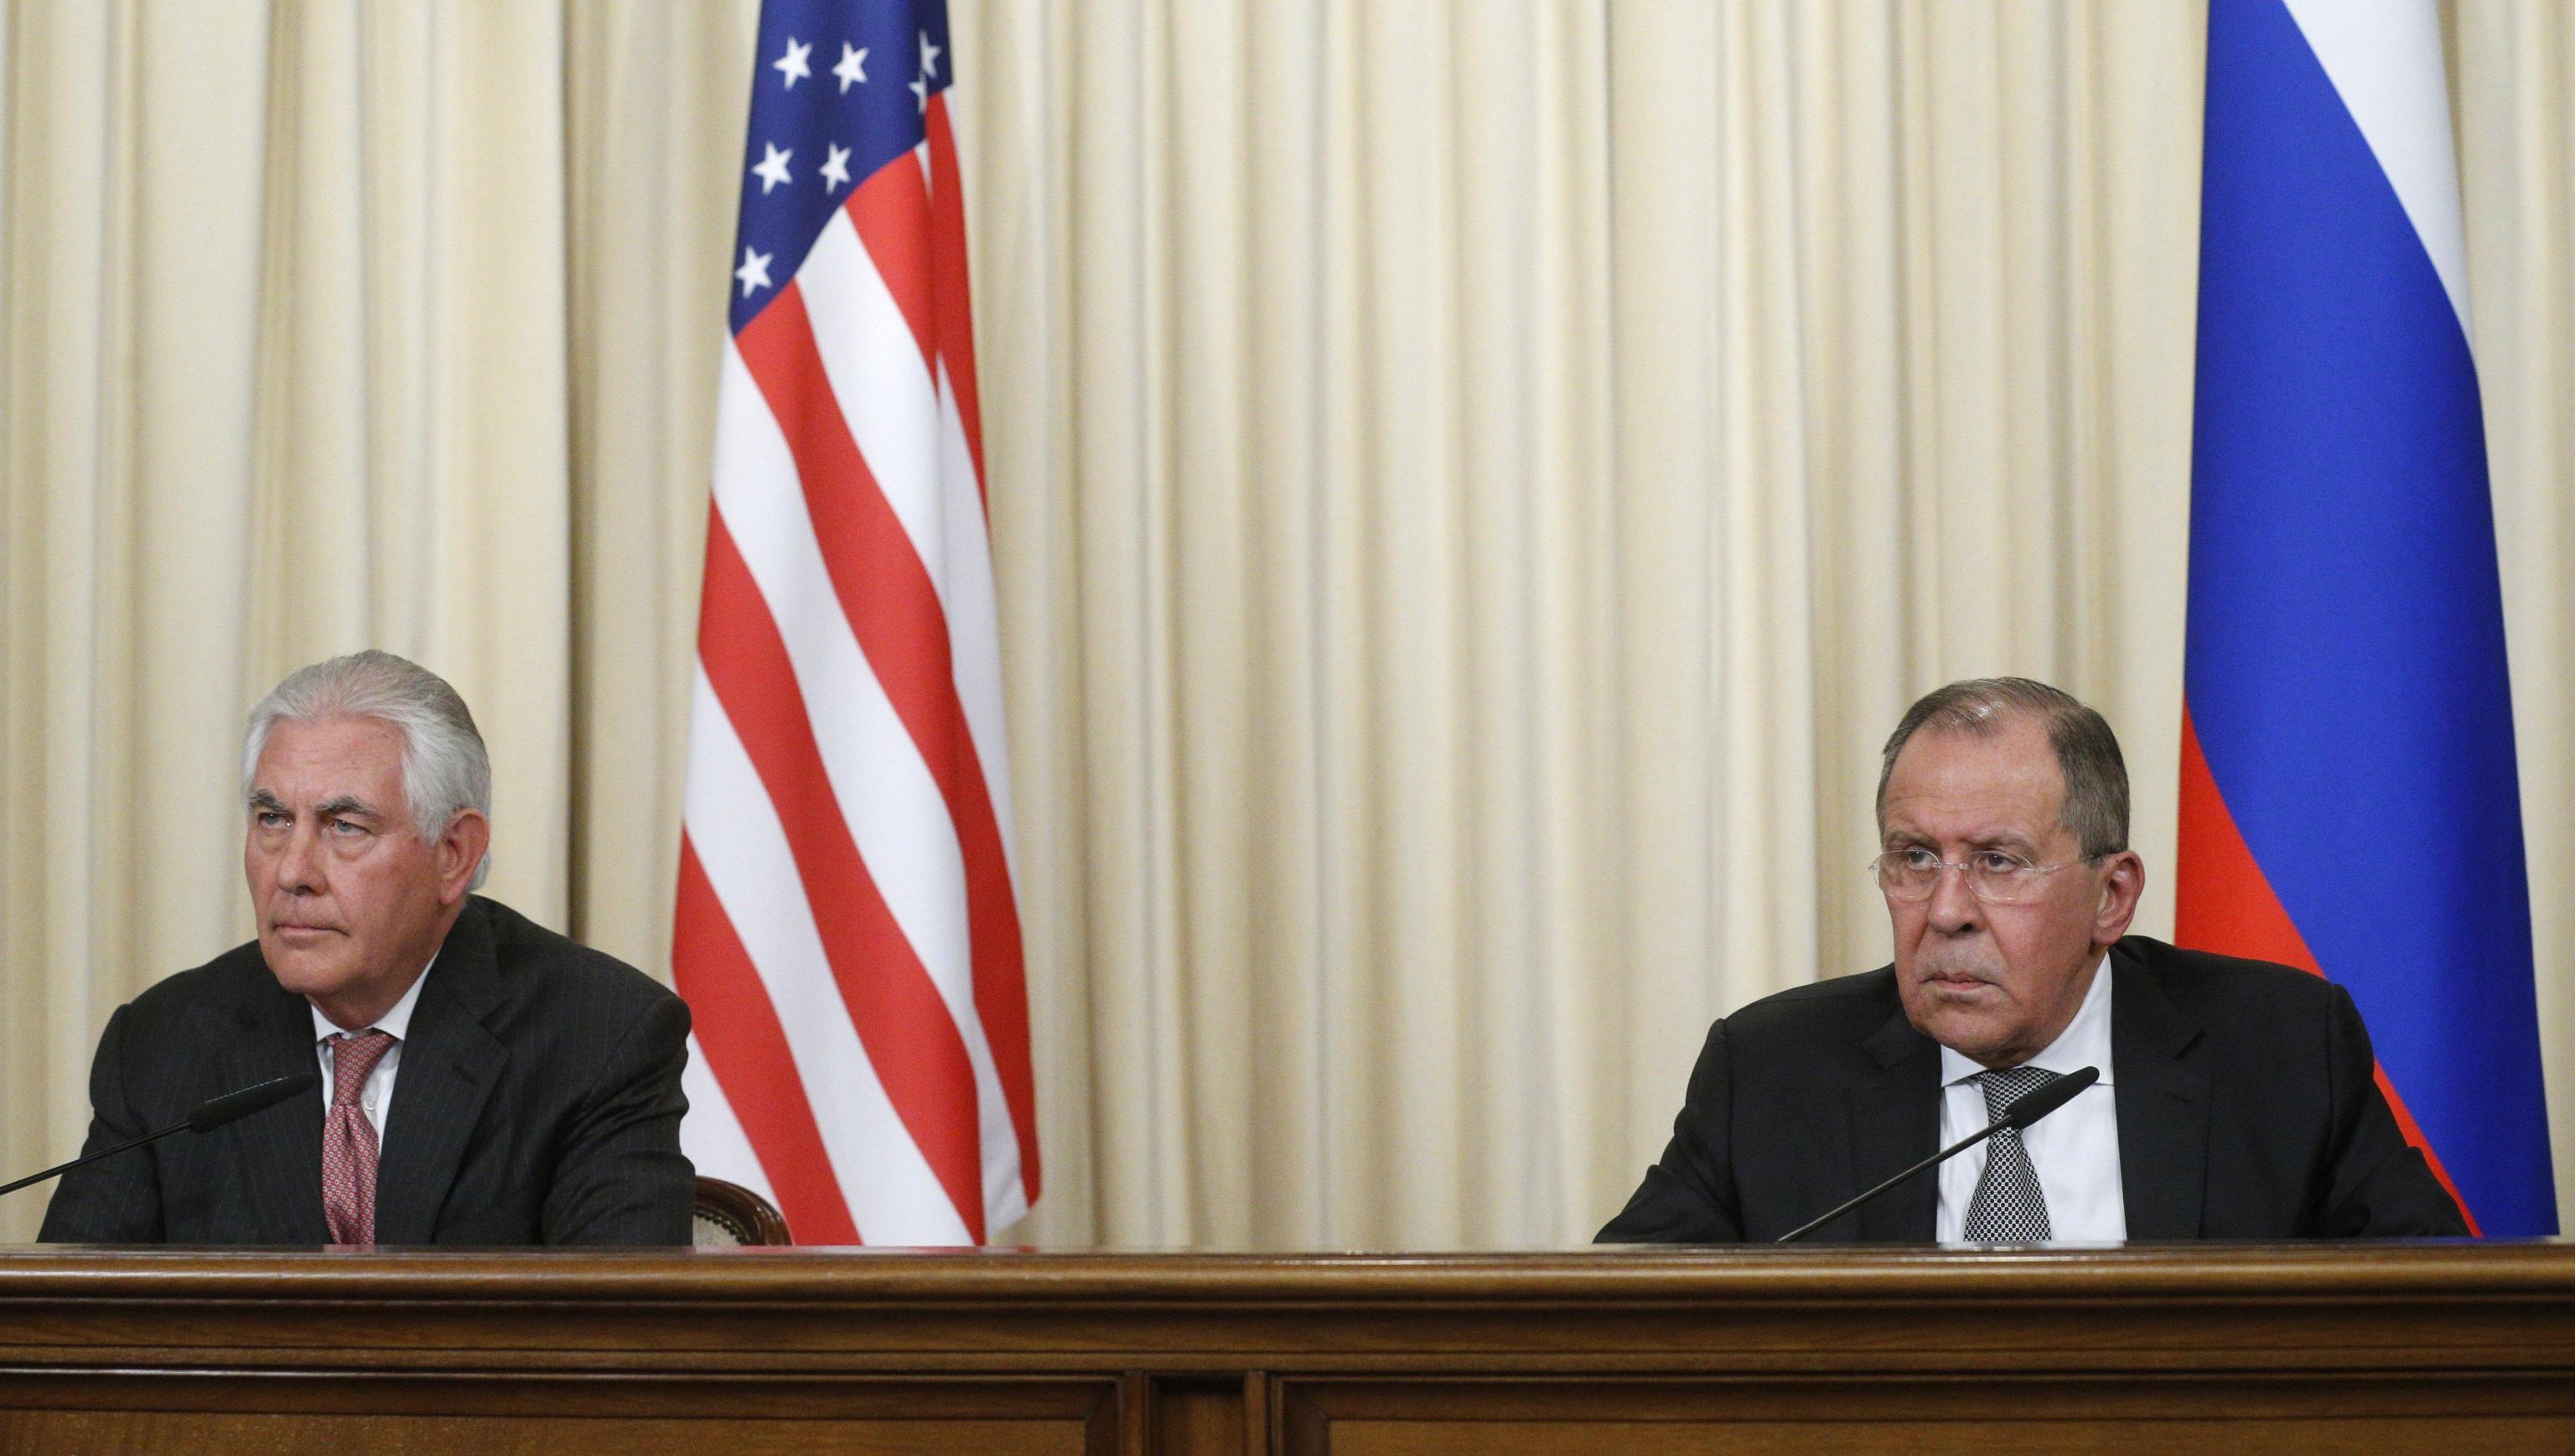 Incontro Lavrov-Tillerson su Corea Nord